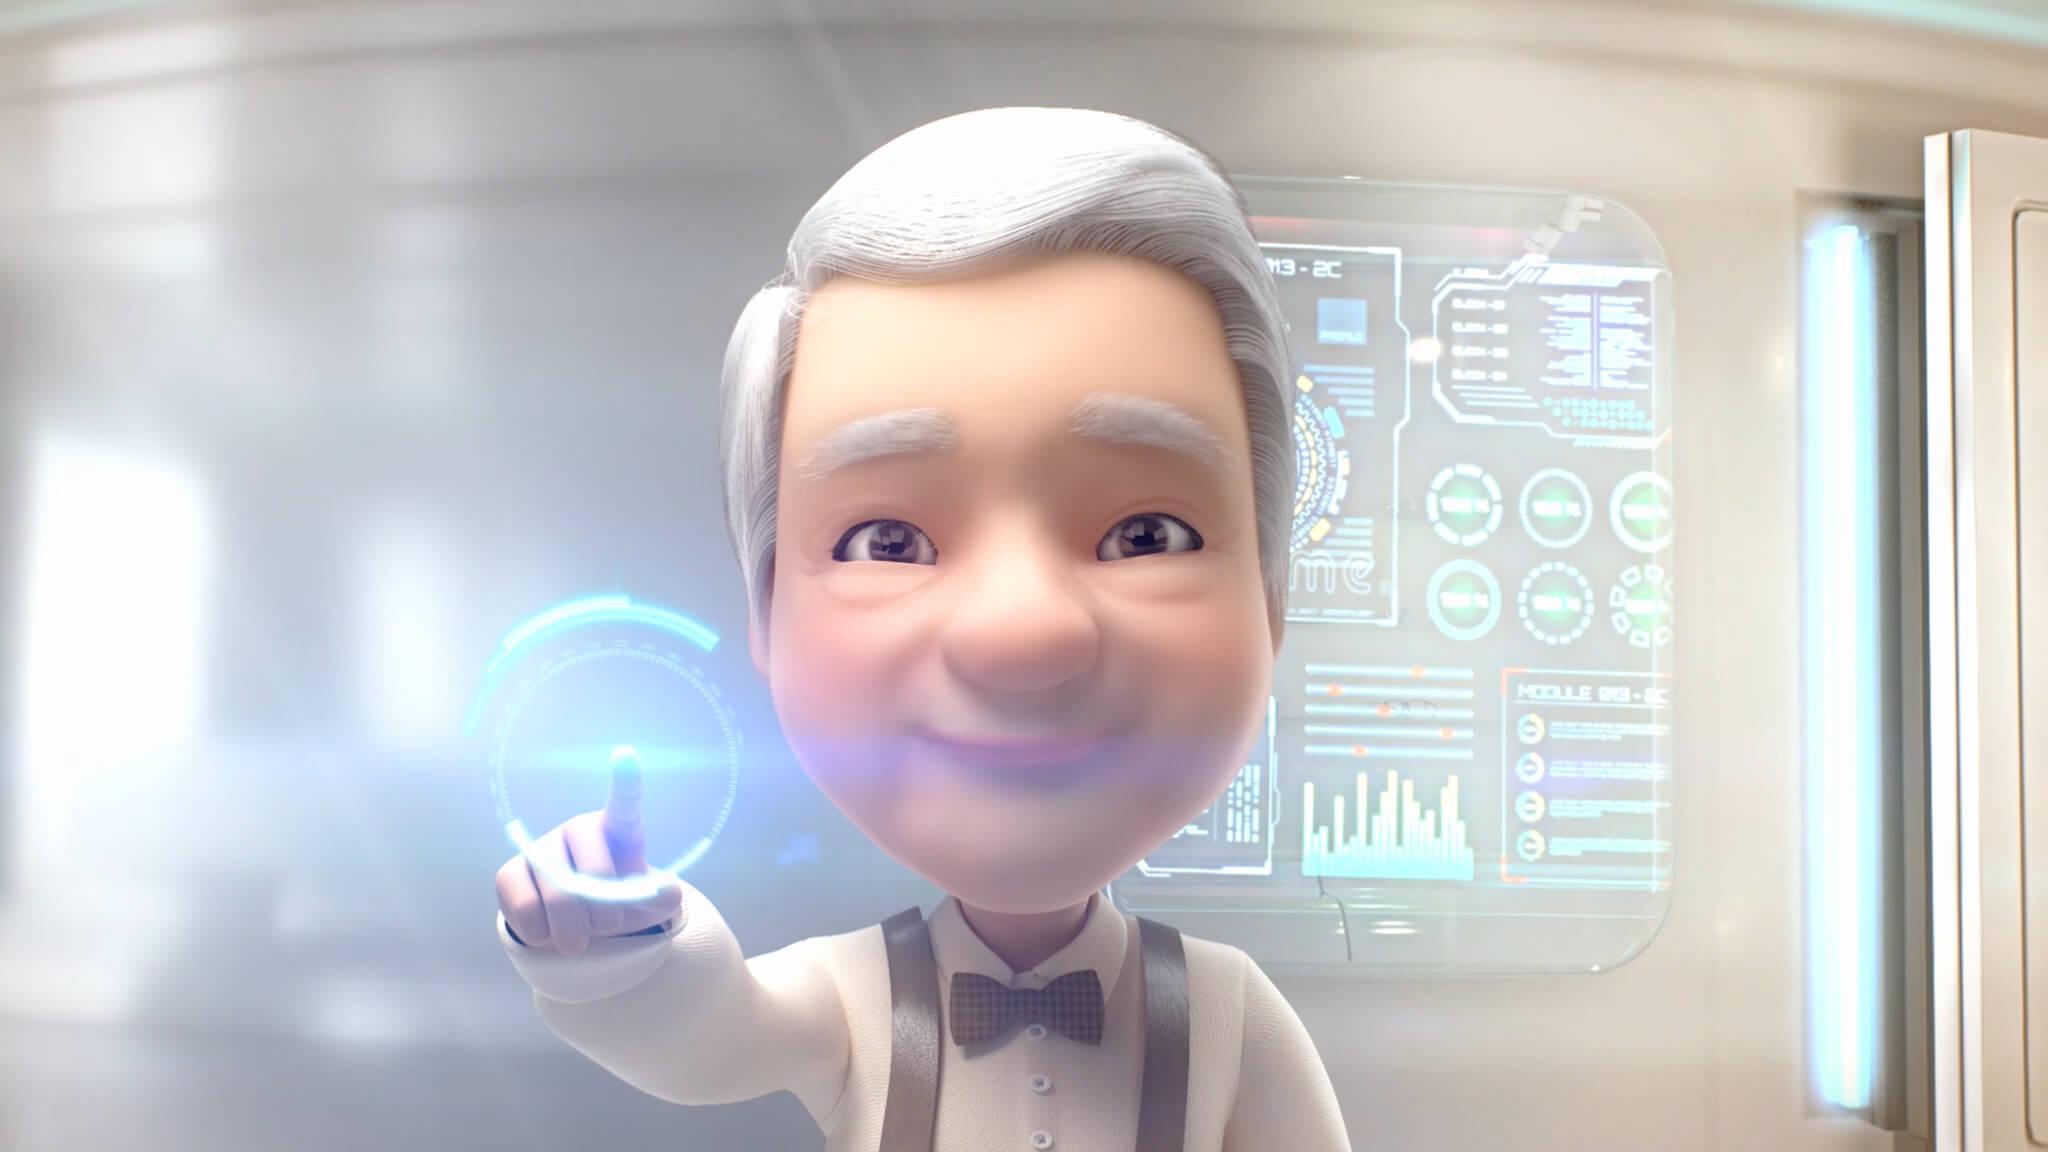 云南白药泰邦-医用光辐射防护眼镜